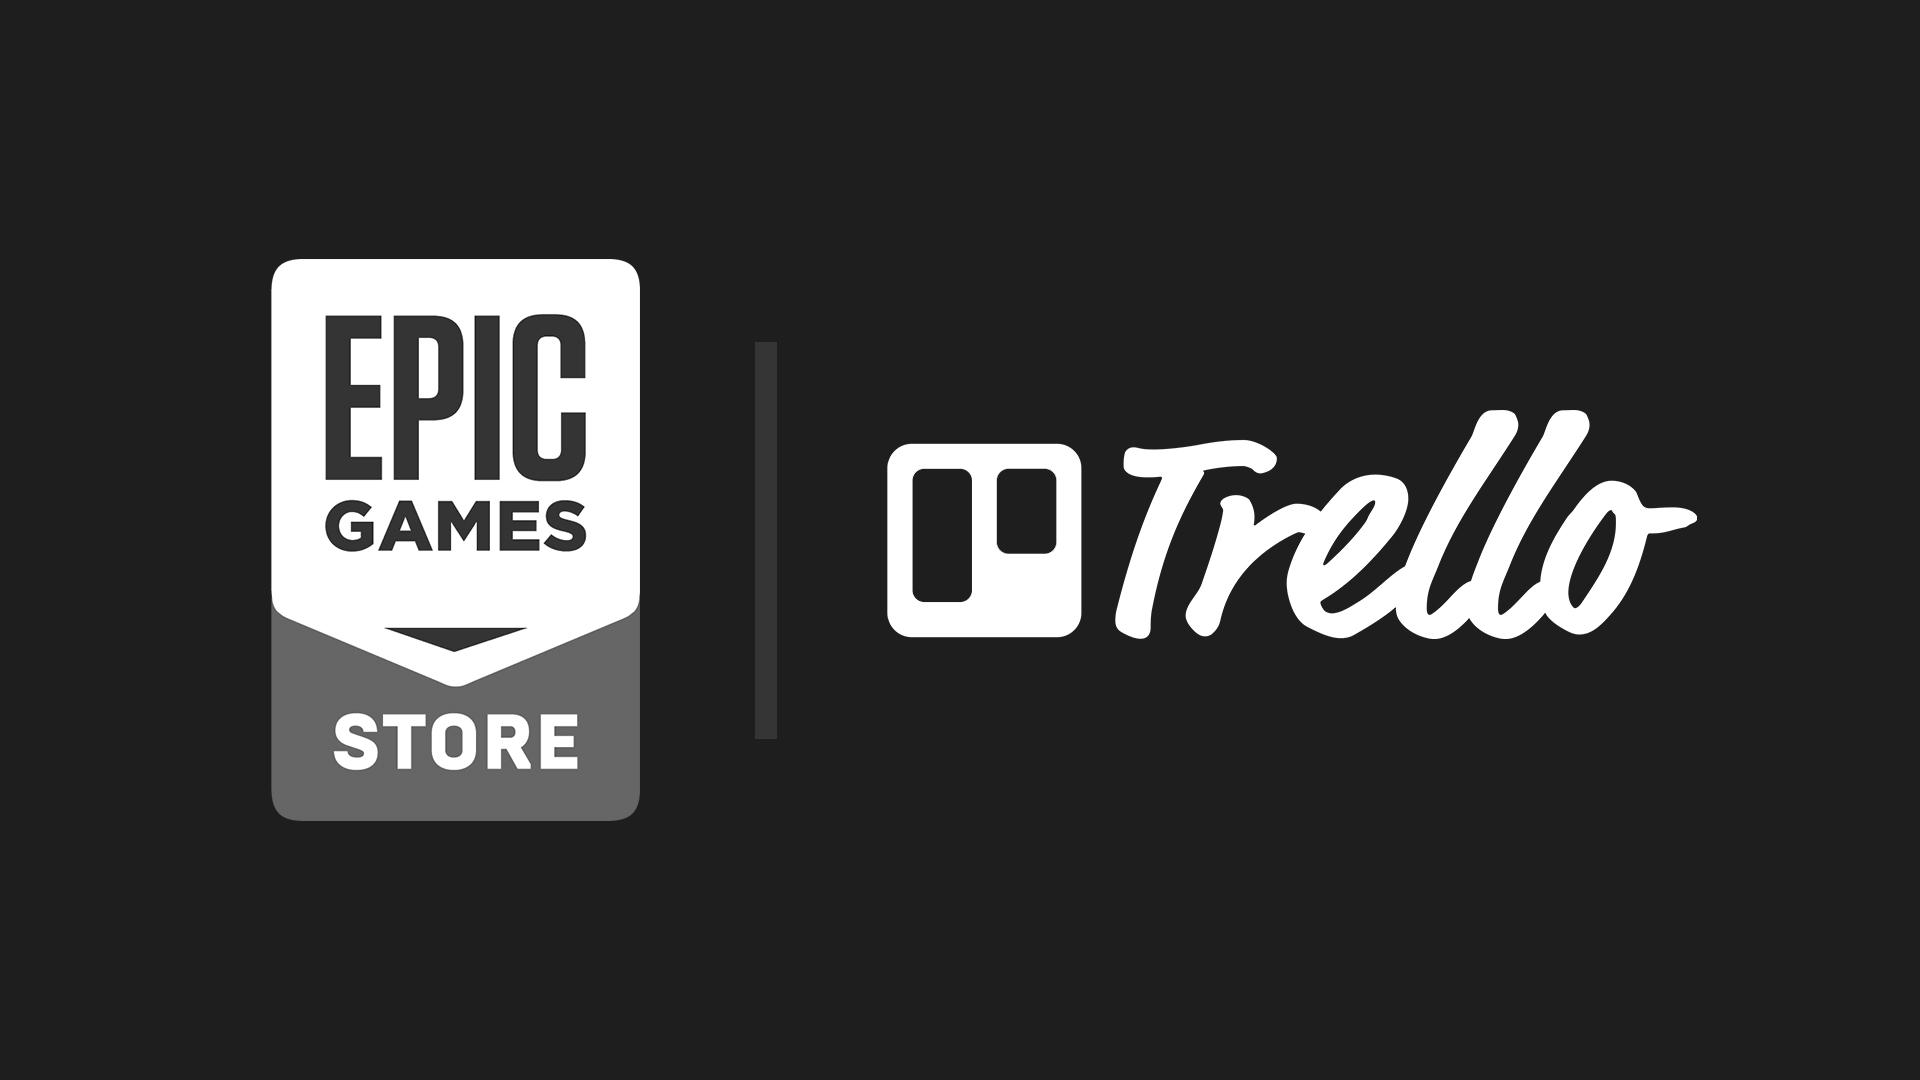 Szczegółowy plan dla sklepu Epic Games jest już na Trello